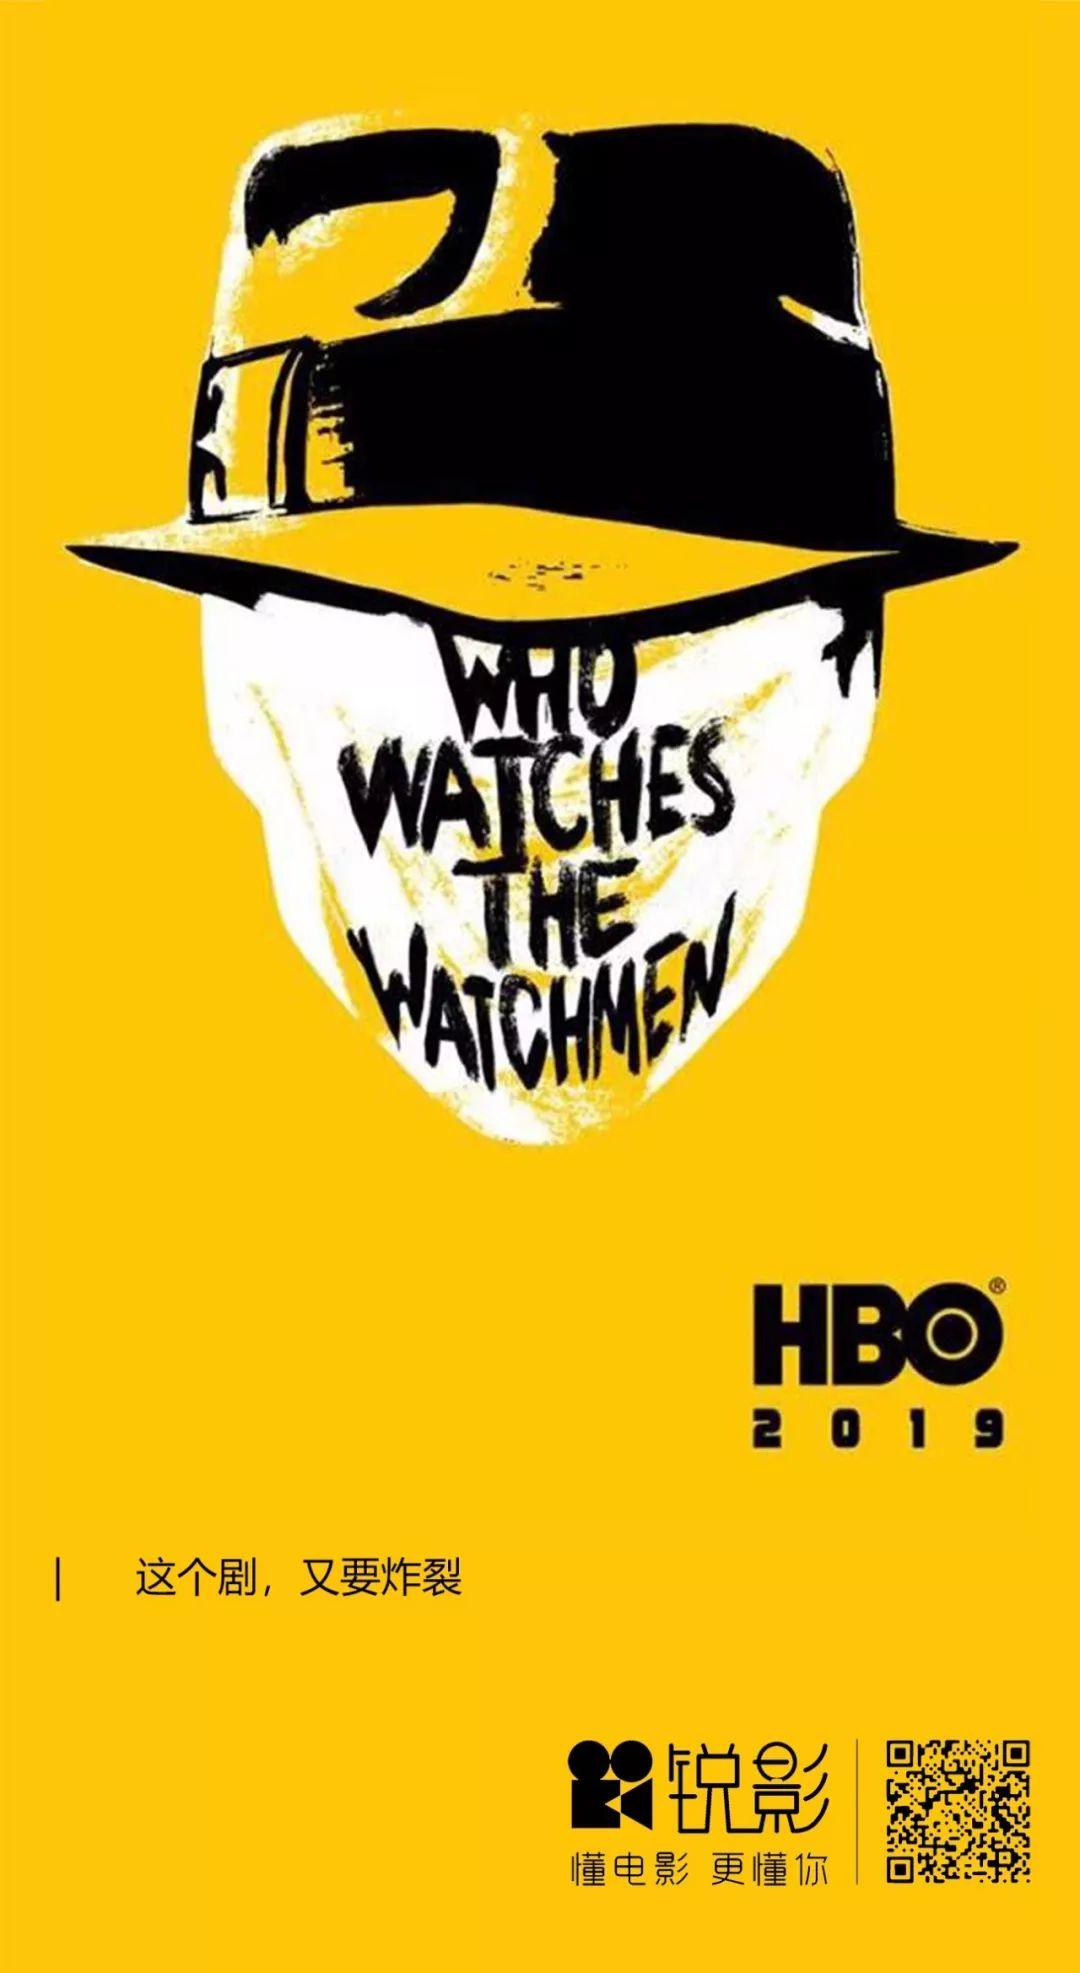 经典超英漫画《守望者》剧版开播,是HBO拍的!